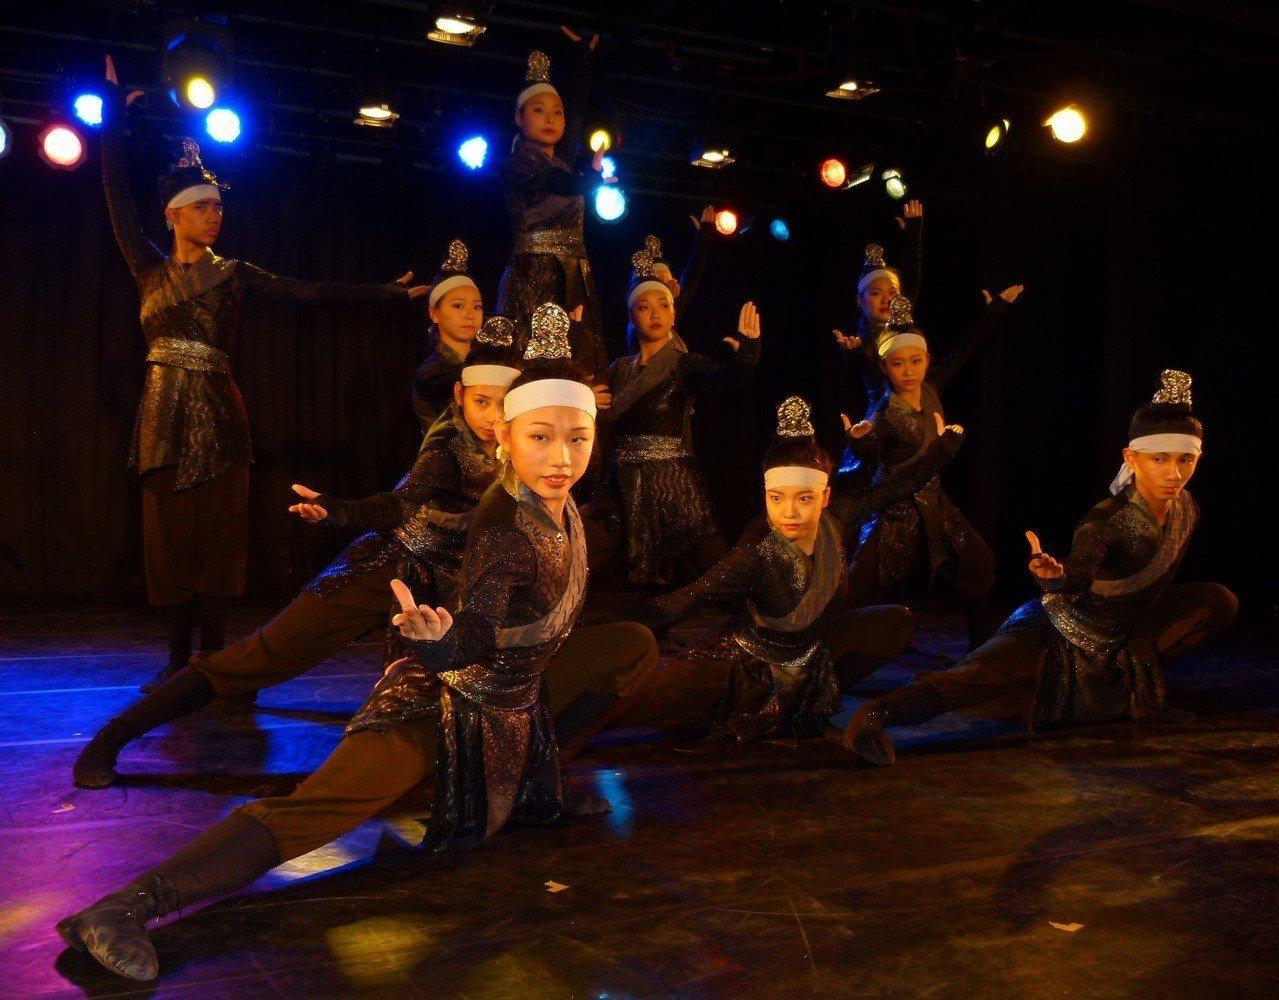 啟英高中表演藝術科連續3年拿下全國古典舞特優第一。記者鄭國樑/攝影